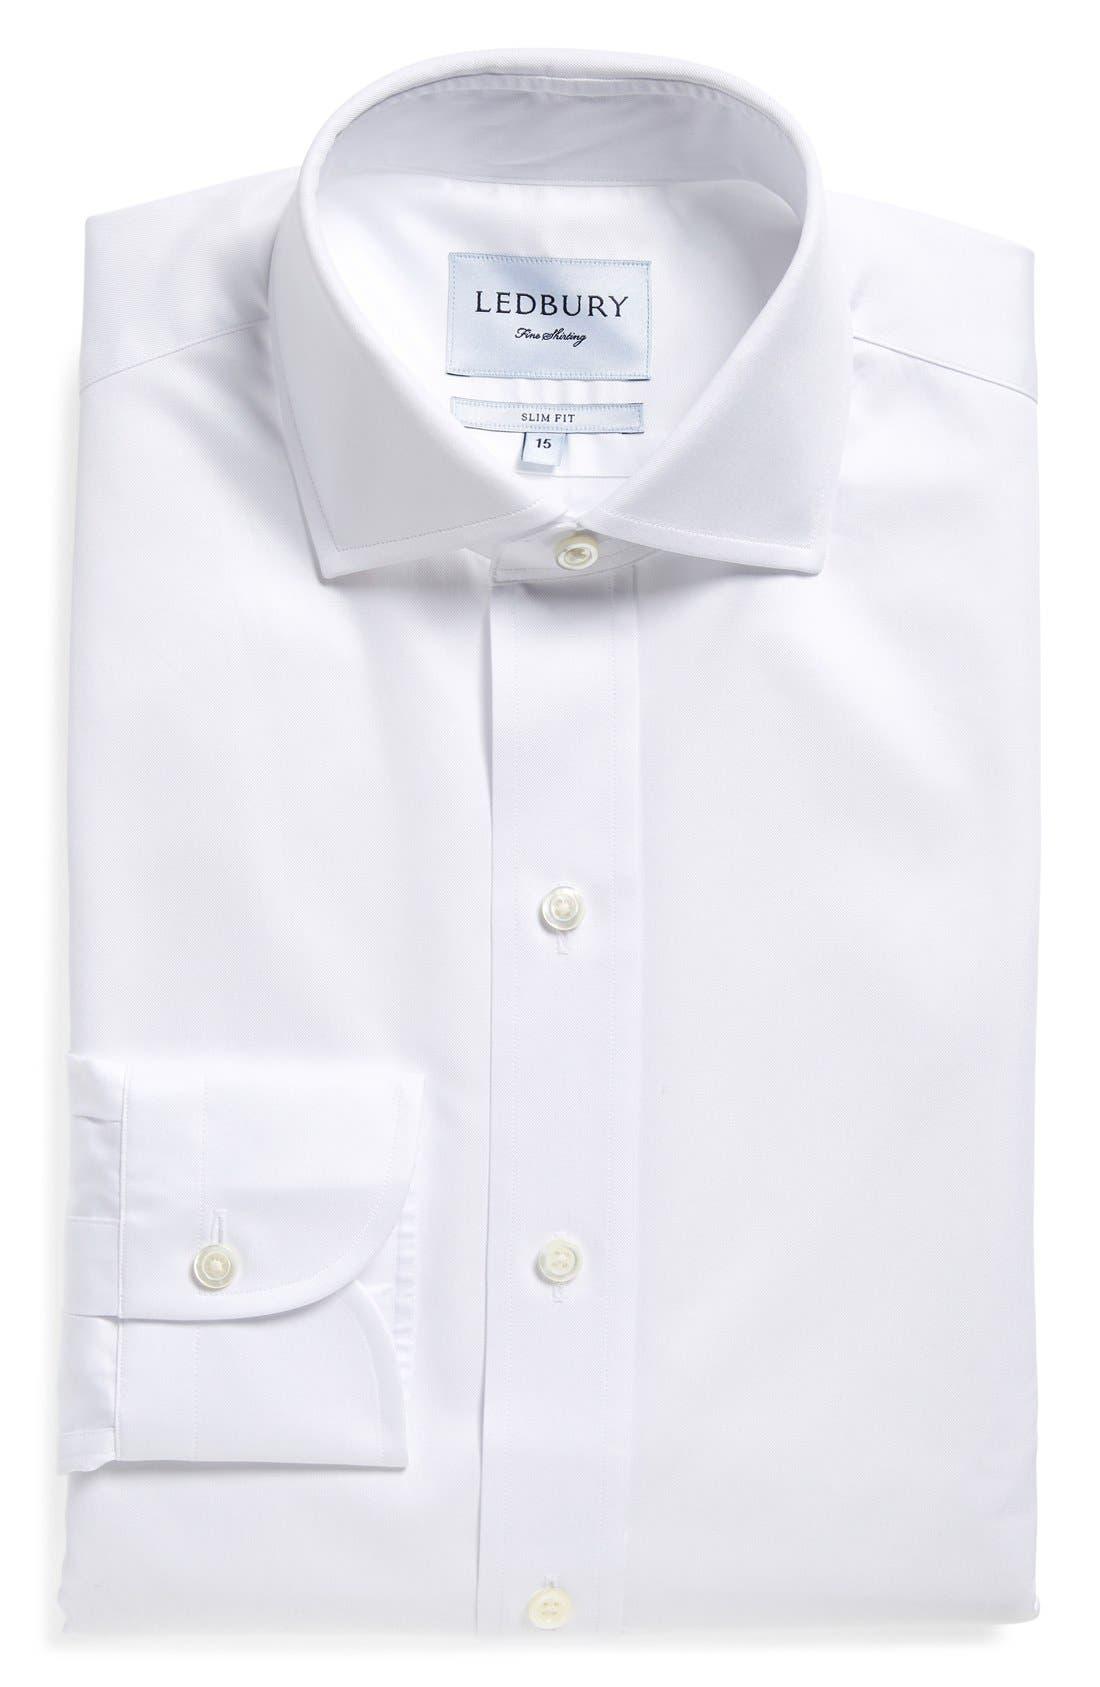 Main Image - Ledbury Slim Fit Dress Shirt